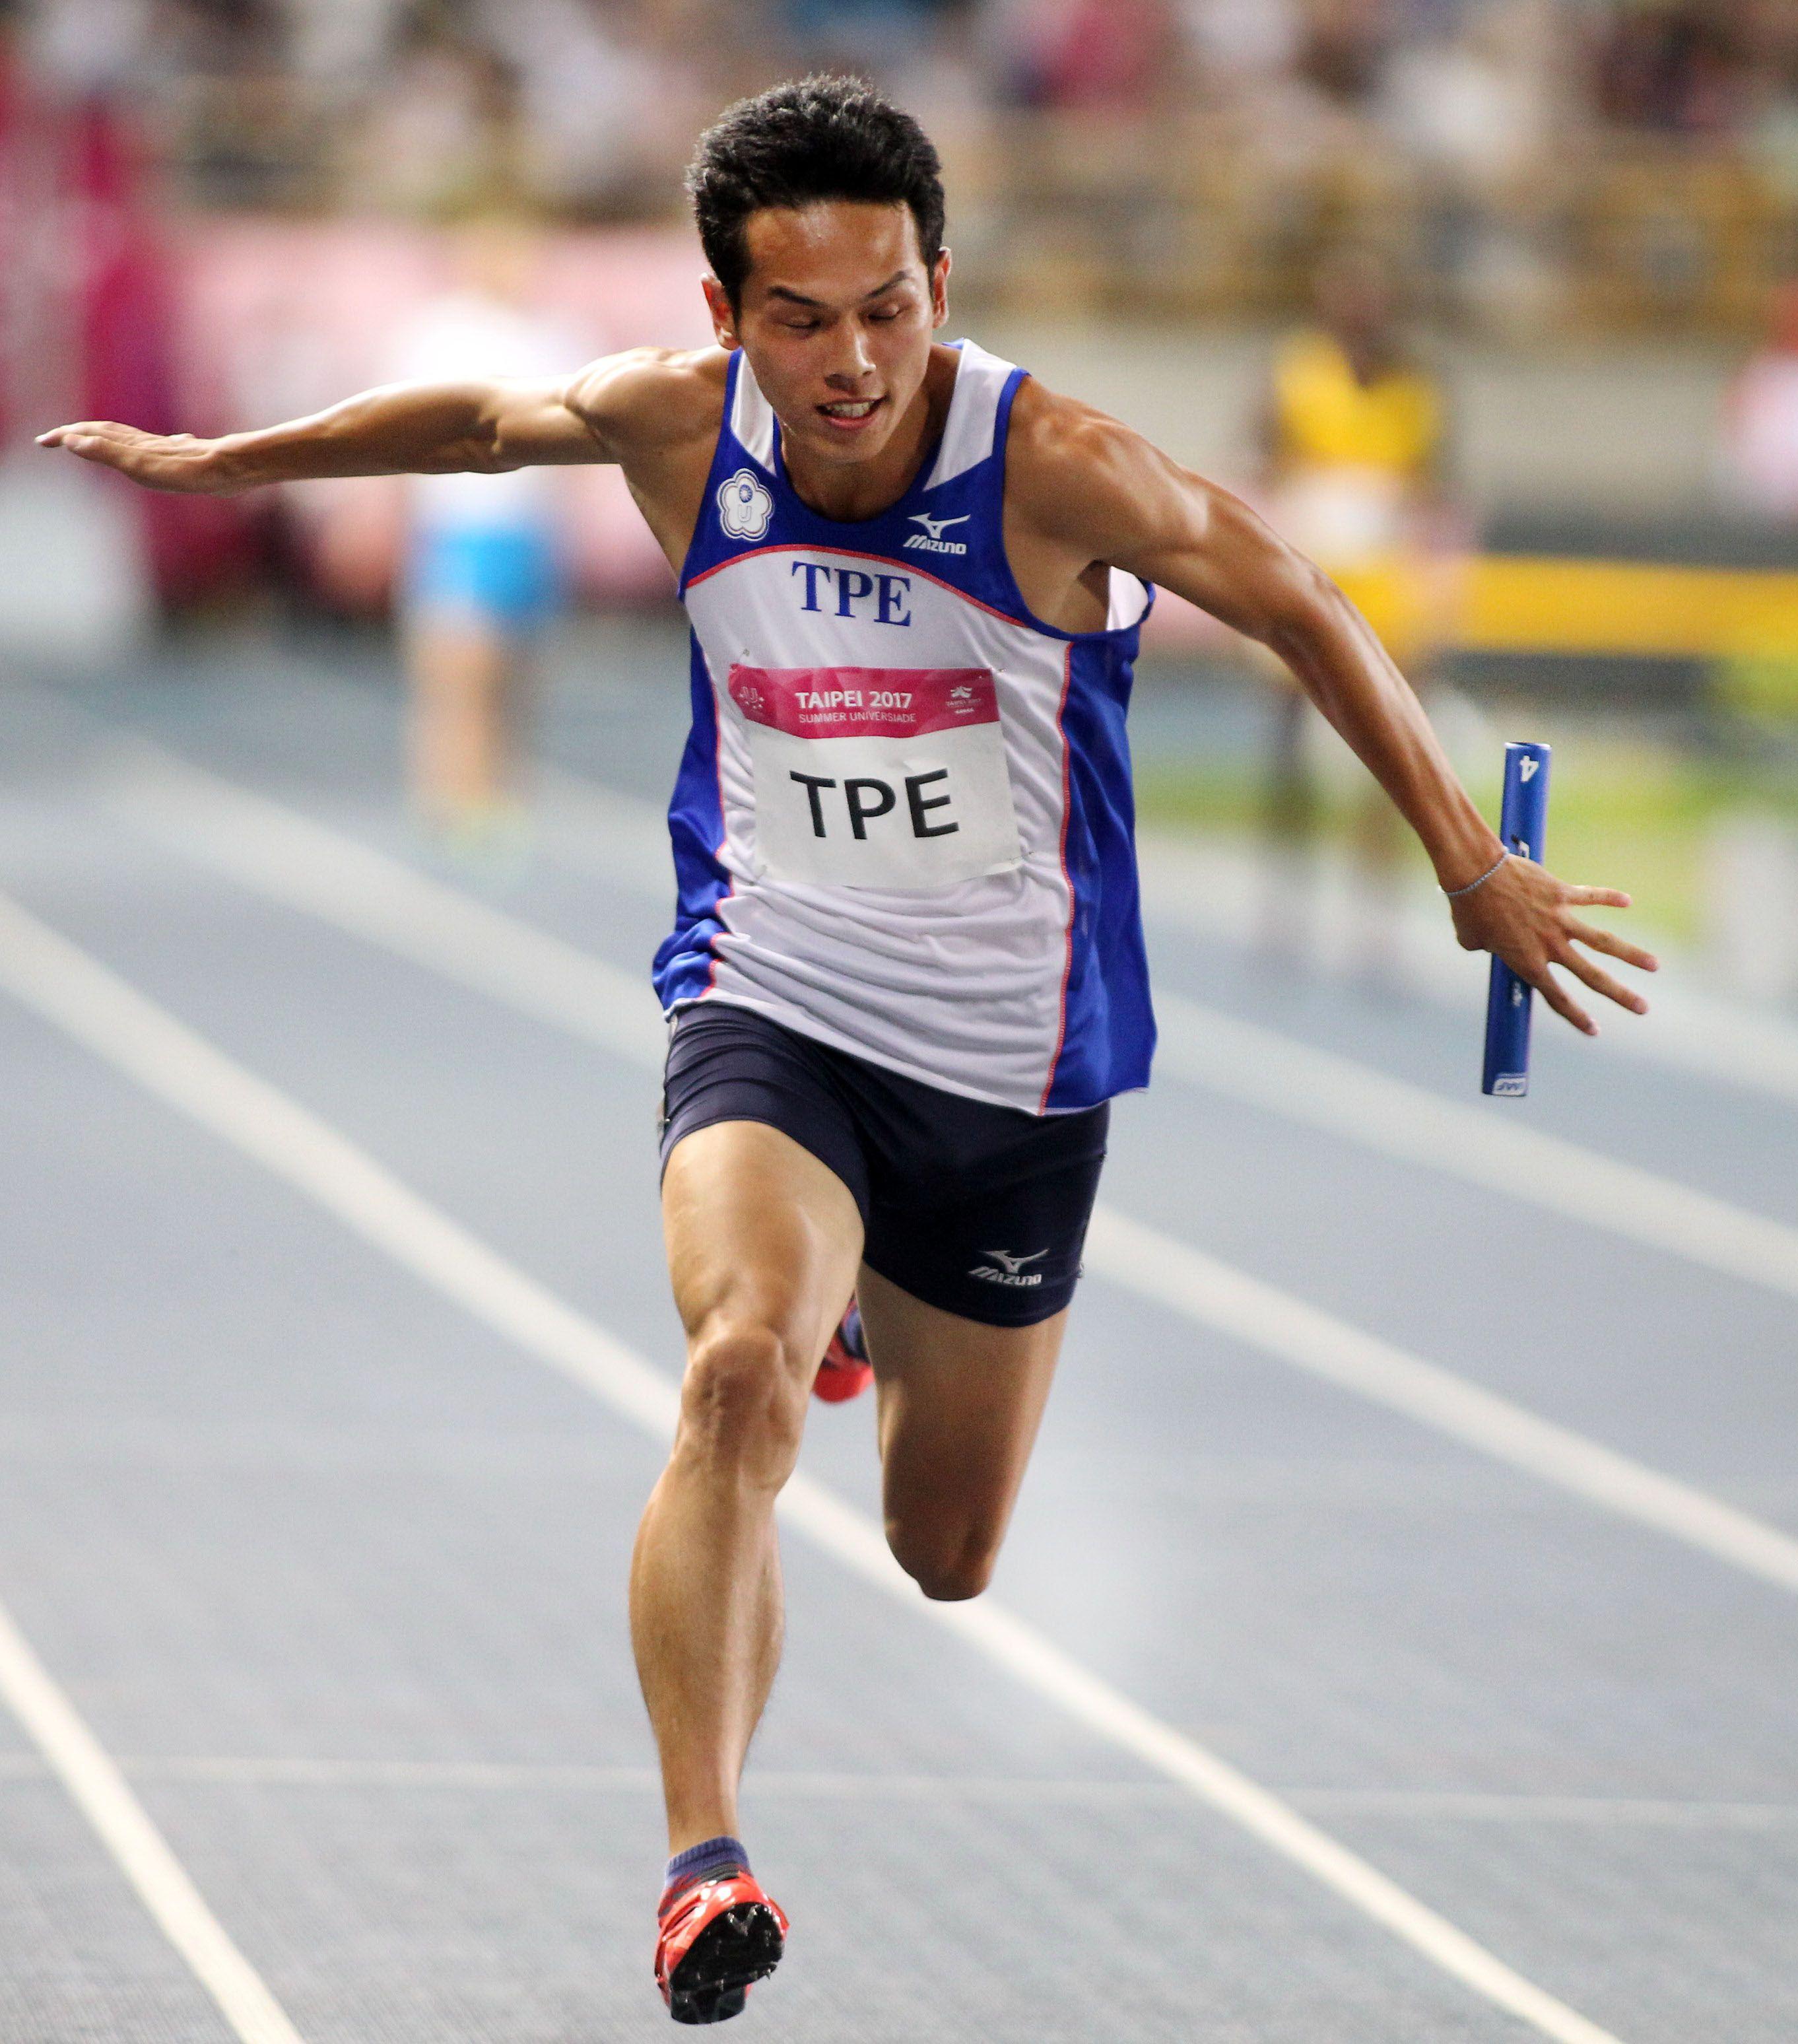 世大運男子400公尺接力 第四棒陳家薰做最後衝刺。(記者邱榮吉/攝影)